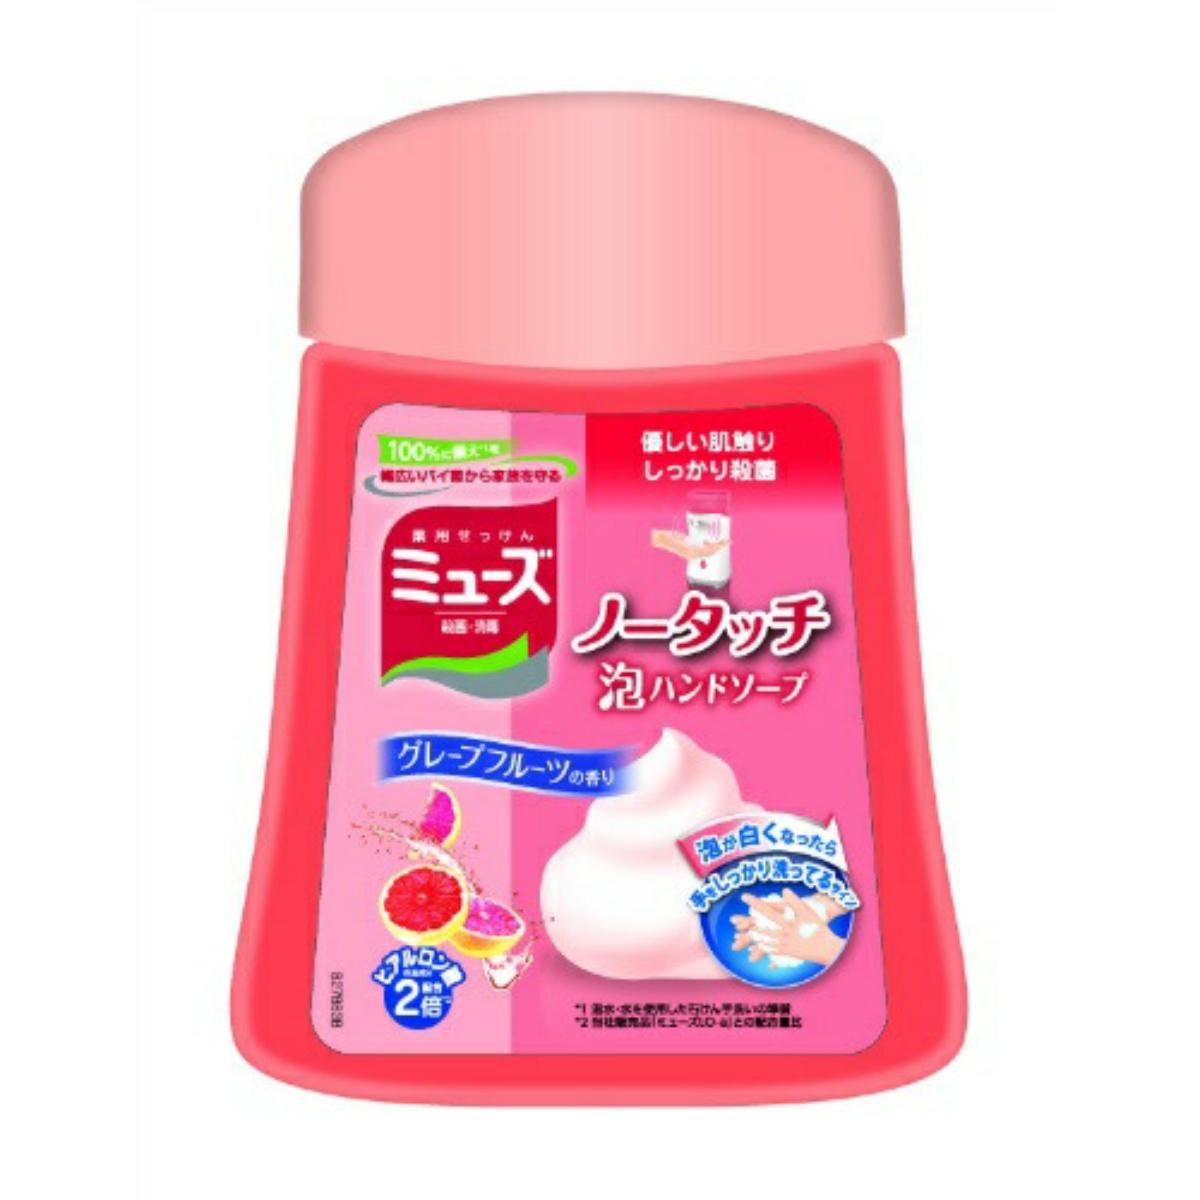 手をかざすだけで洗い1回分の泡が自動で 受注生産品 薬用 レキットベンキーザー お歳暮 ミューズ ノータッチ グレープフルーツの香り 250ml 泡ハンドソープ つめかえ